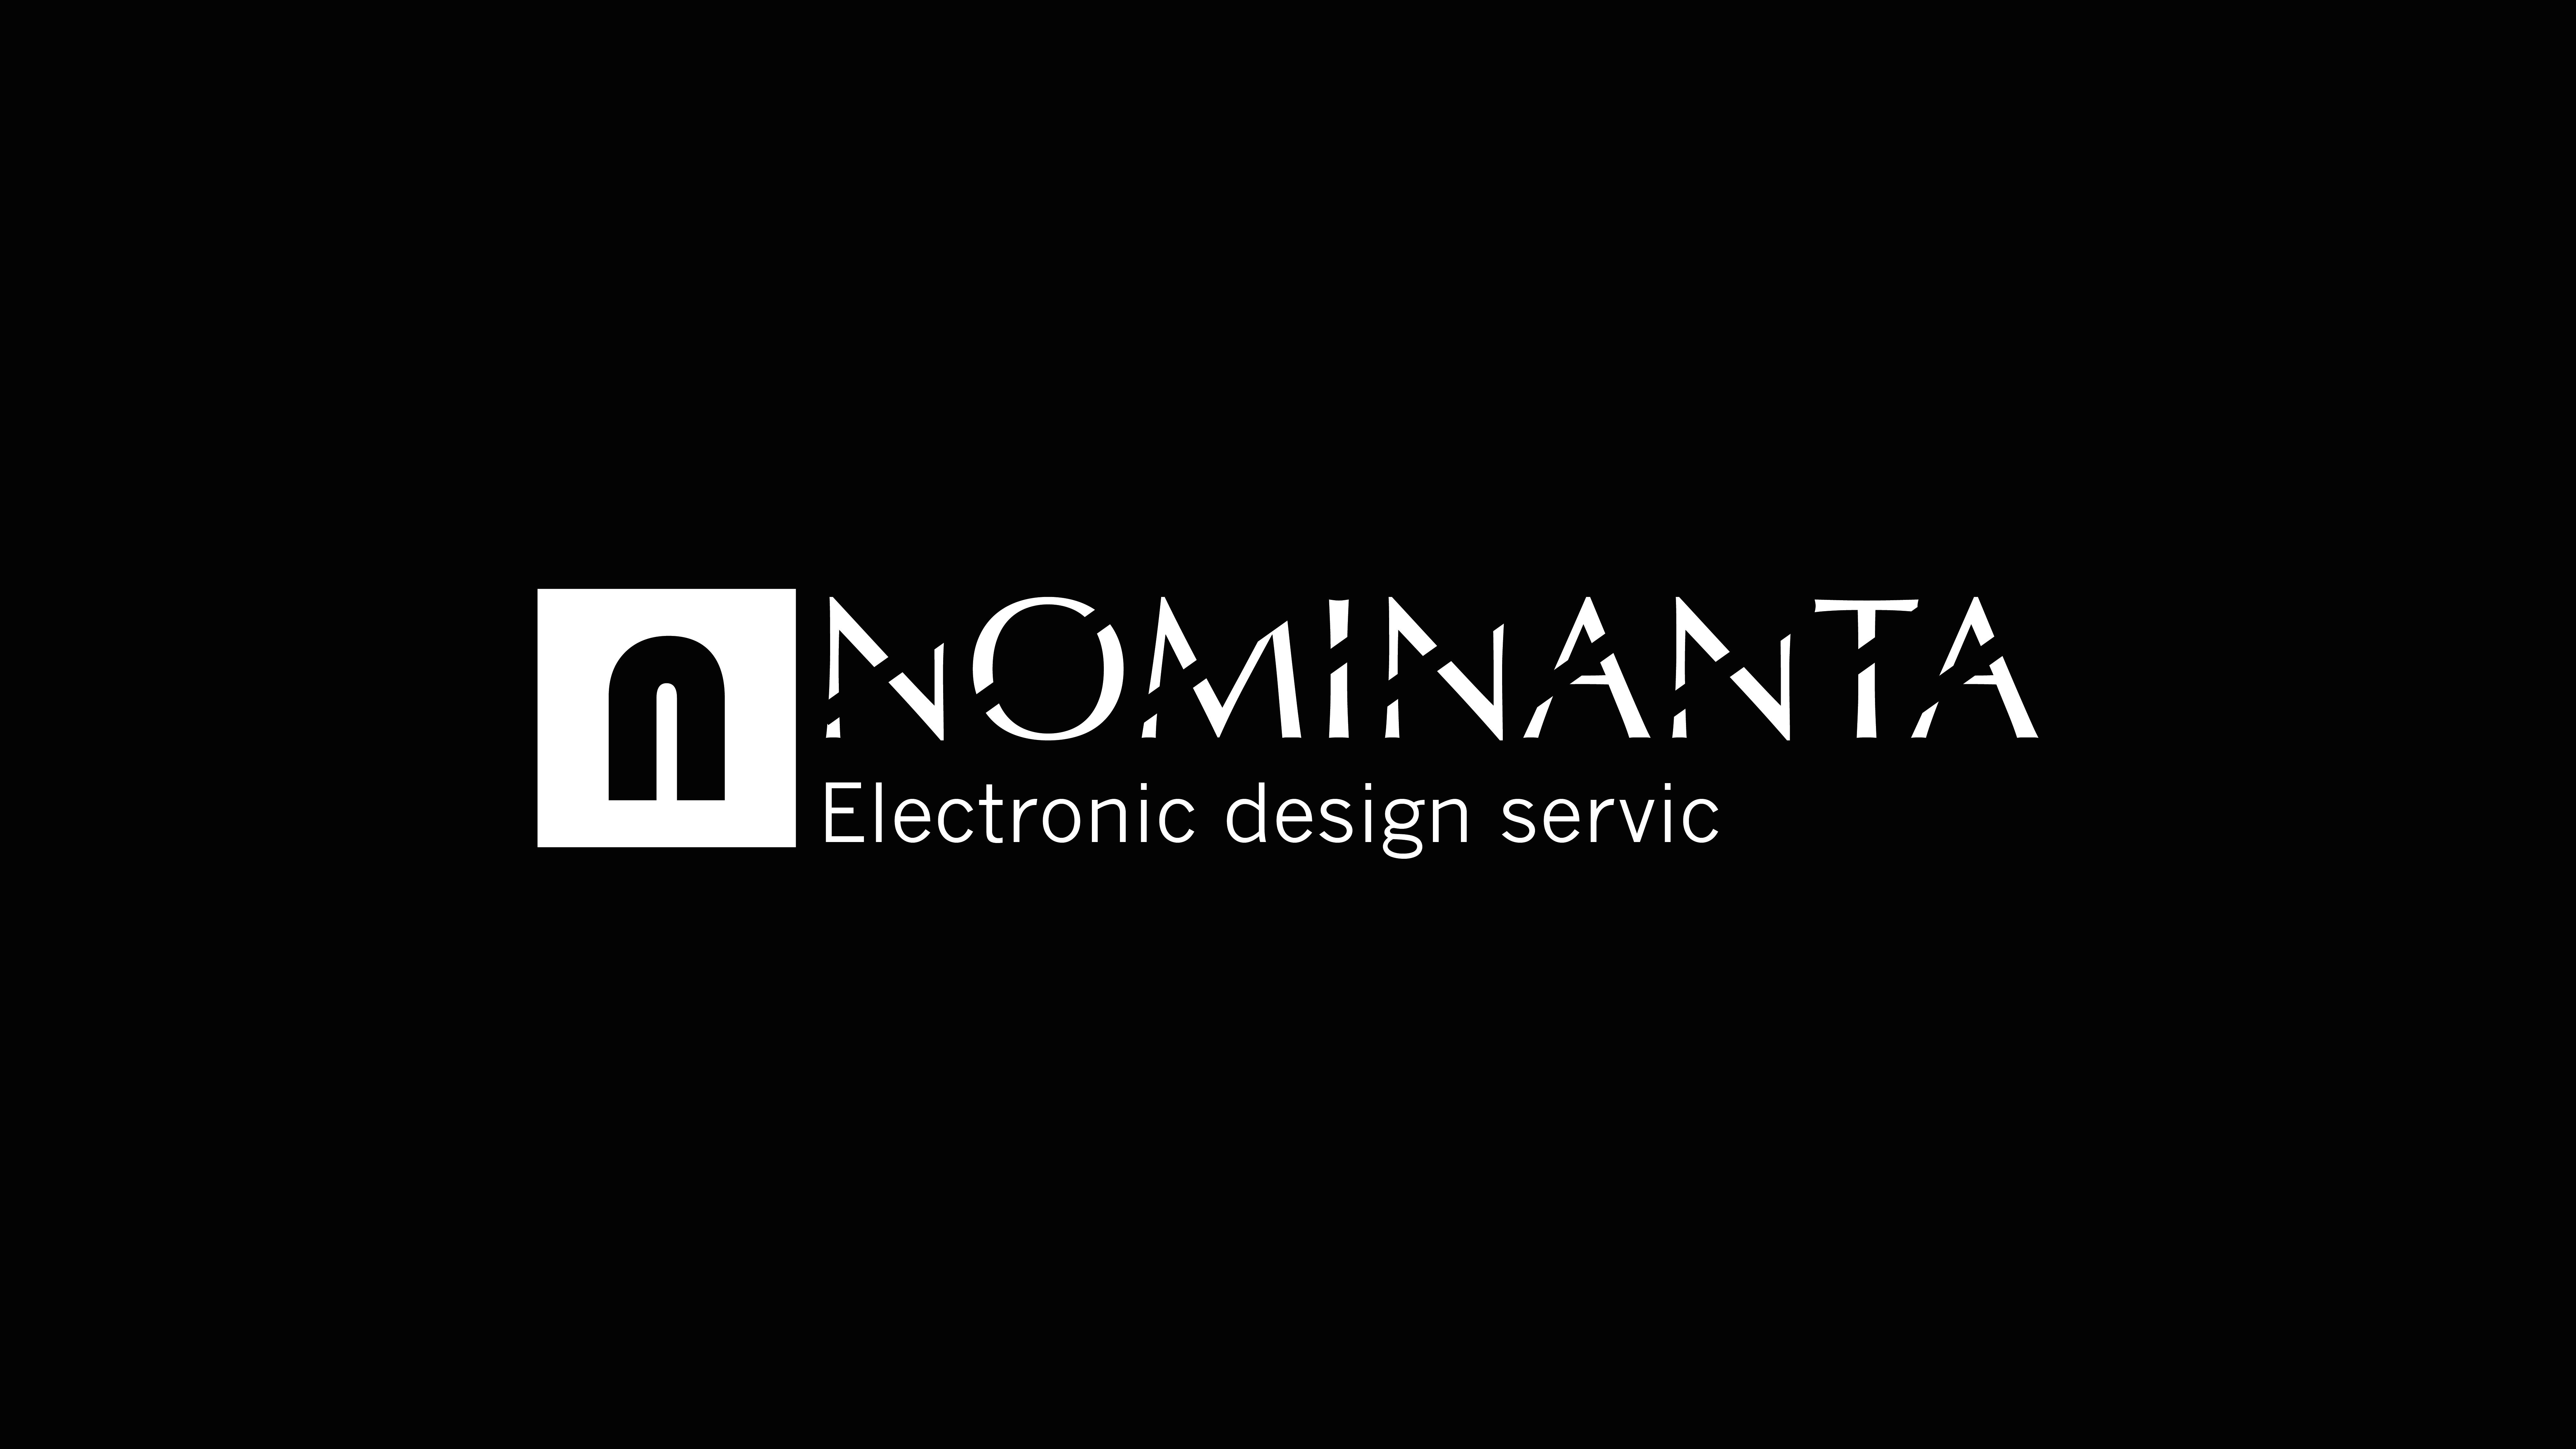 Разработать логотип для КБ по разработке электроники фото f_4445e3ec2b691c50.png